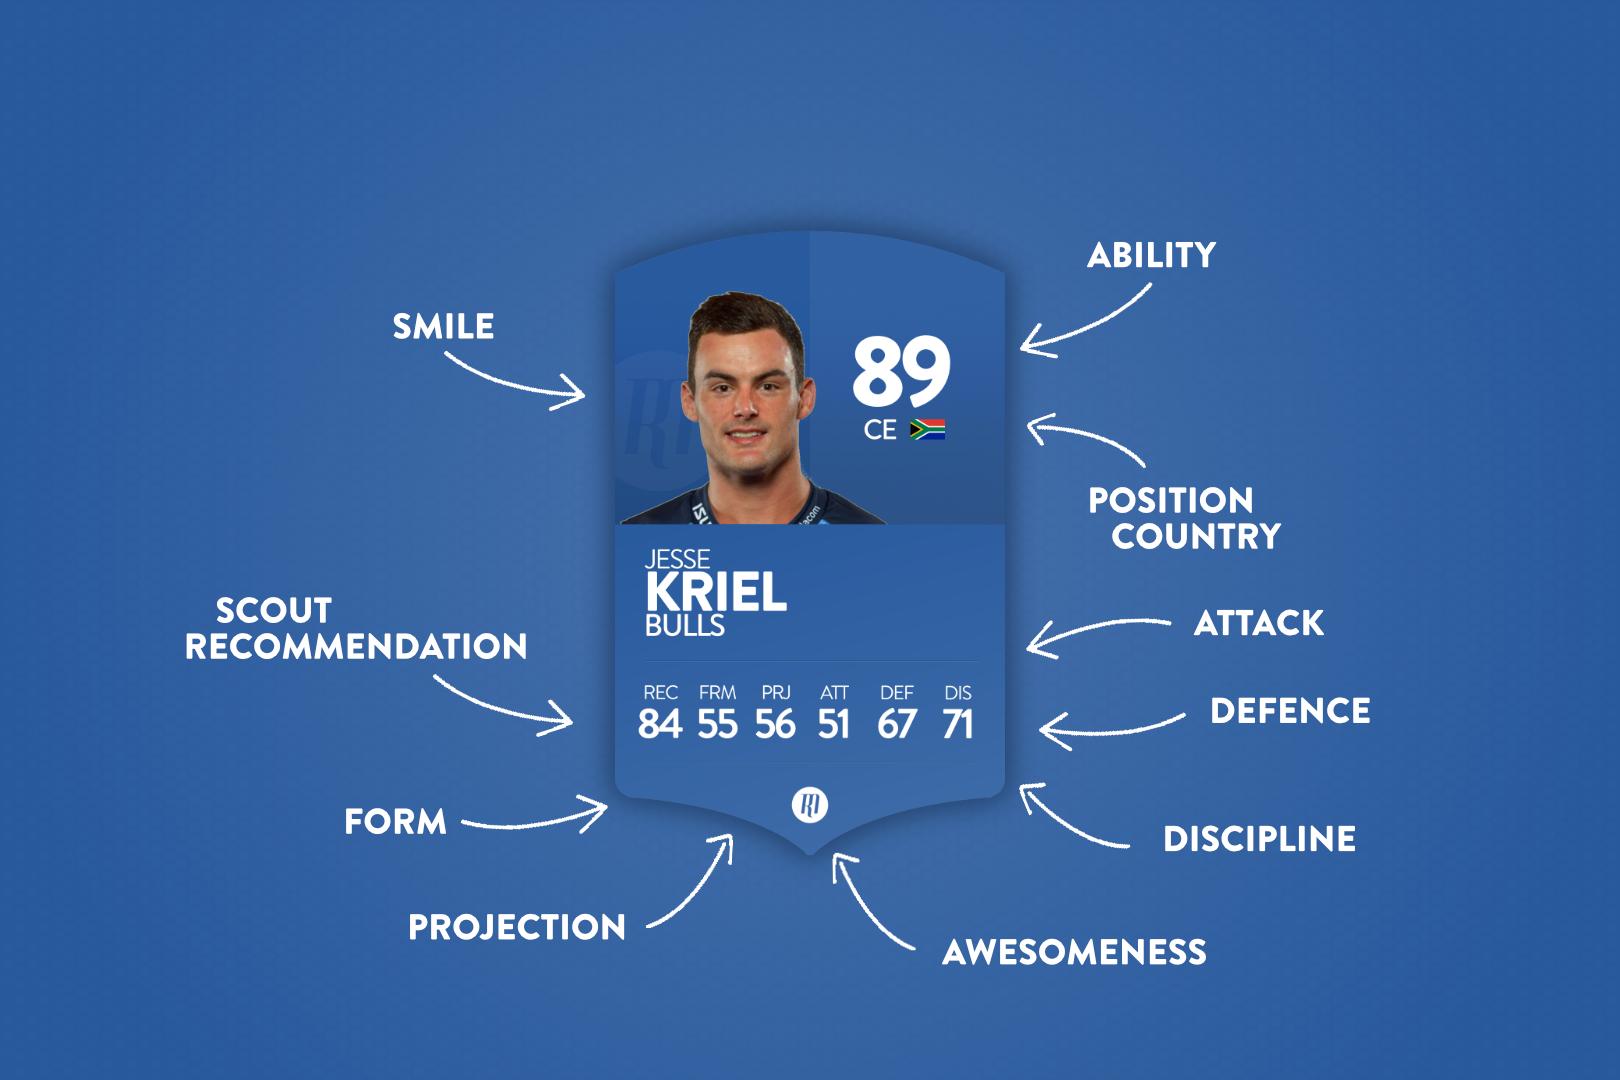 Spotlight: Jesse Kriel